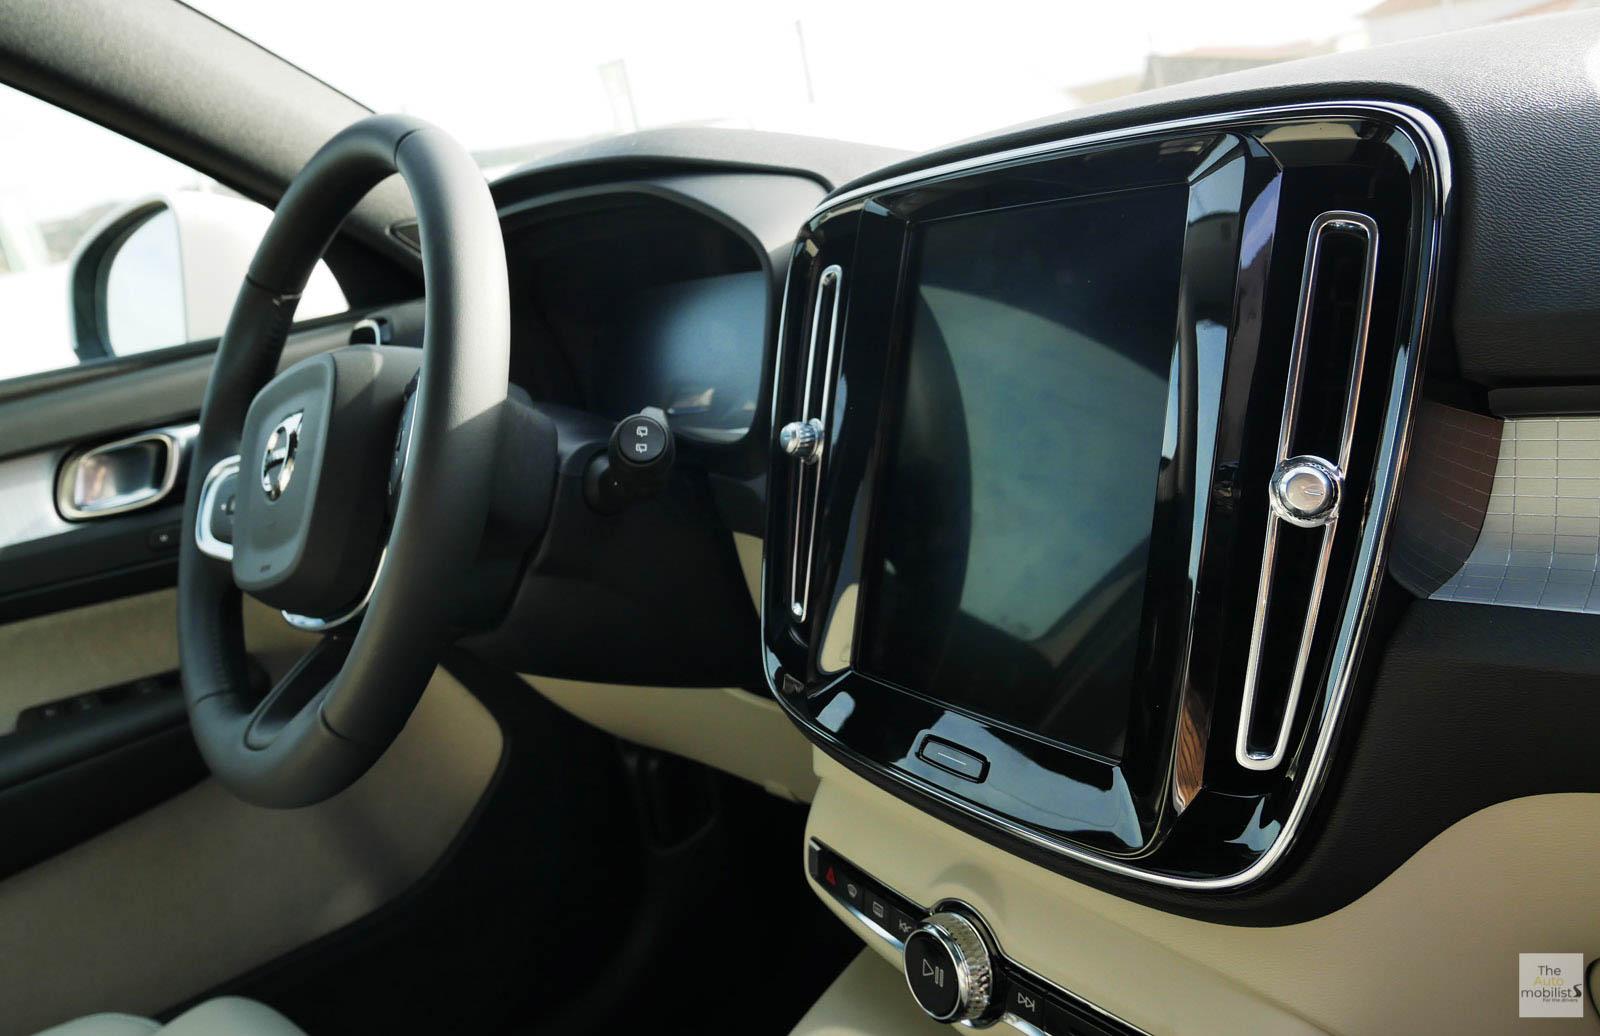 2018 Volvo XC40 Interieur Planche de Bord Detail 011 1